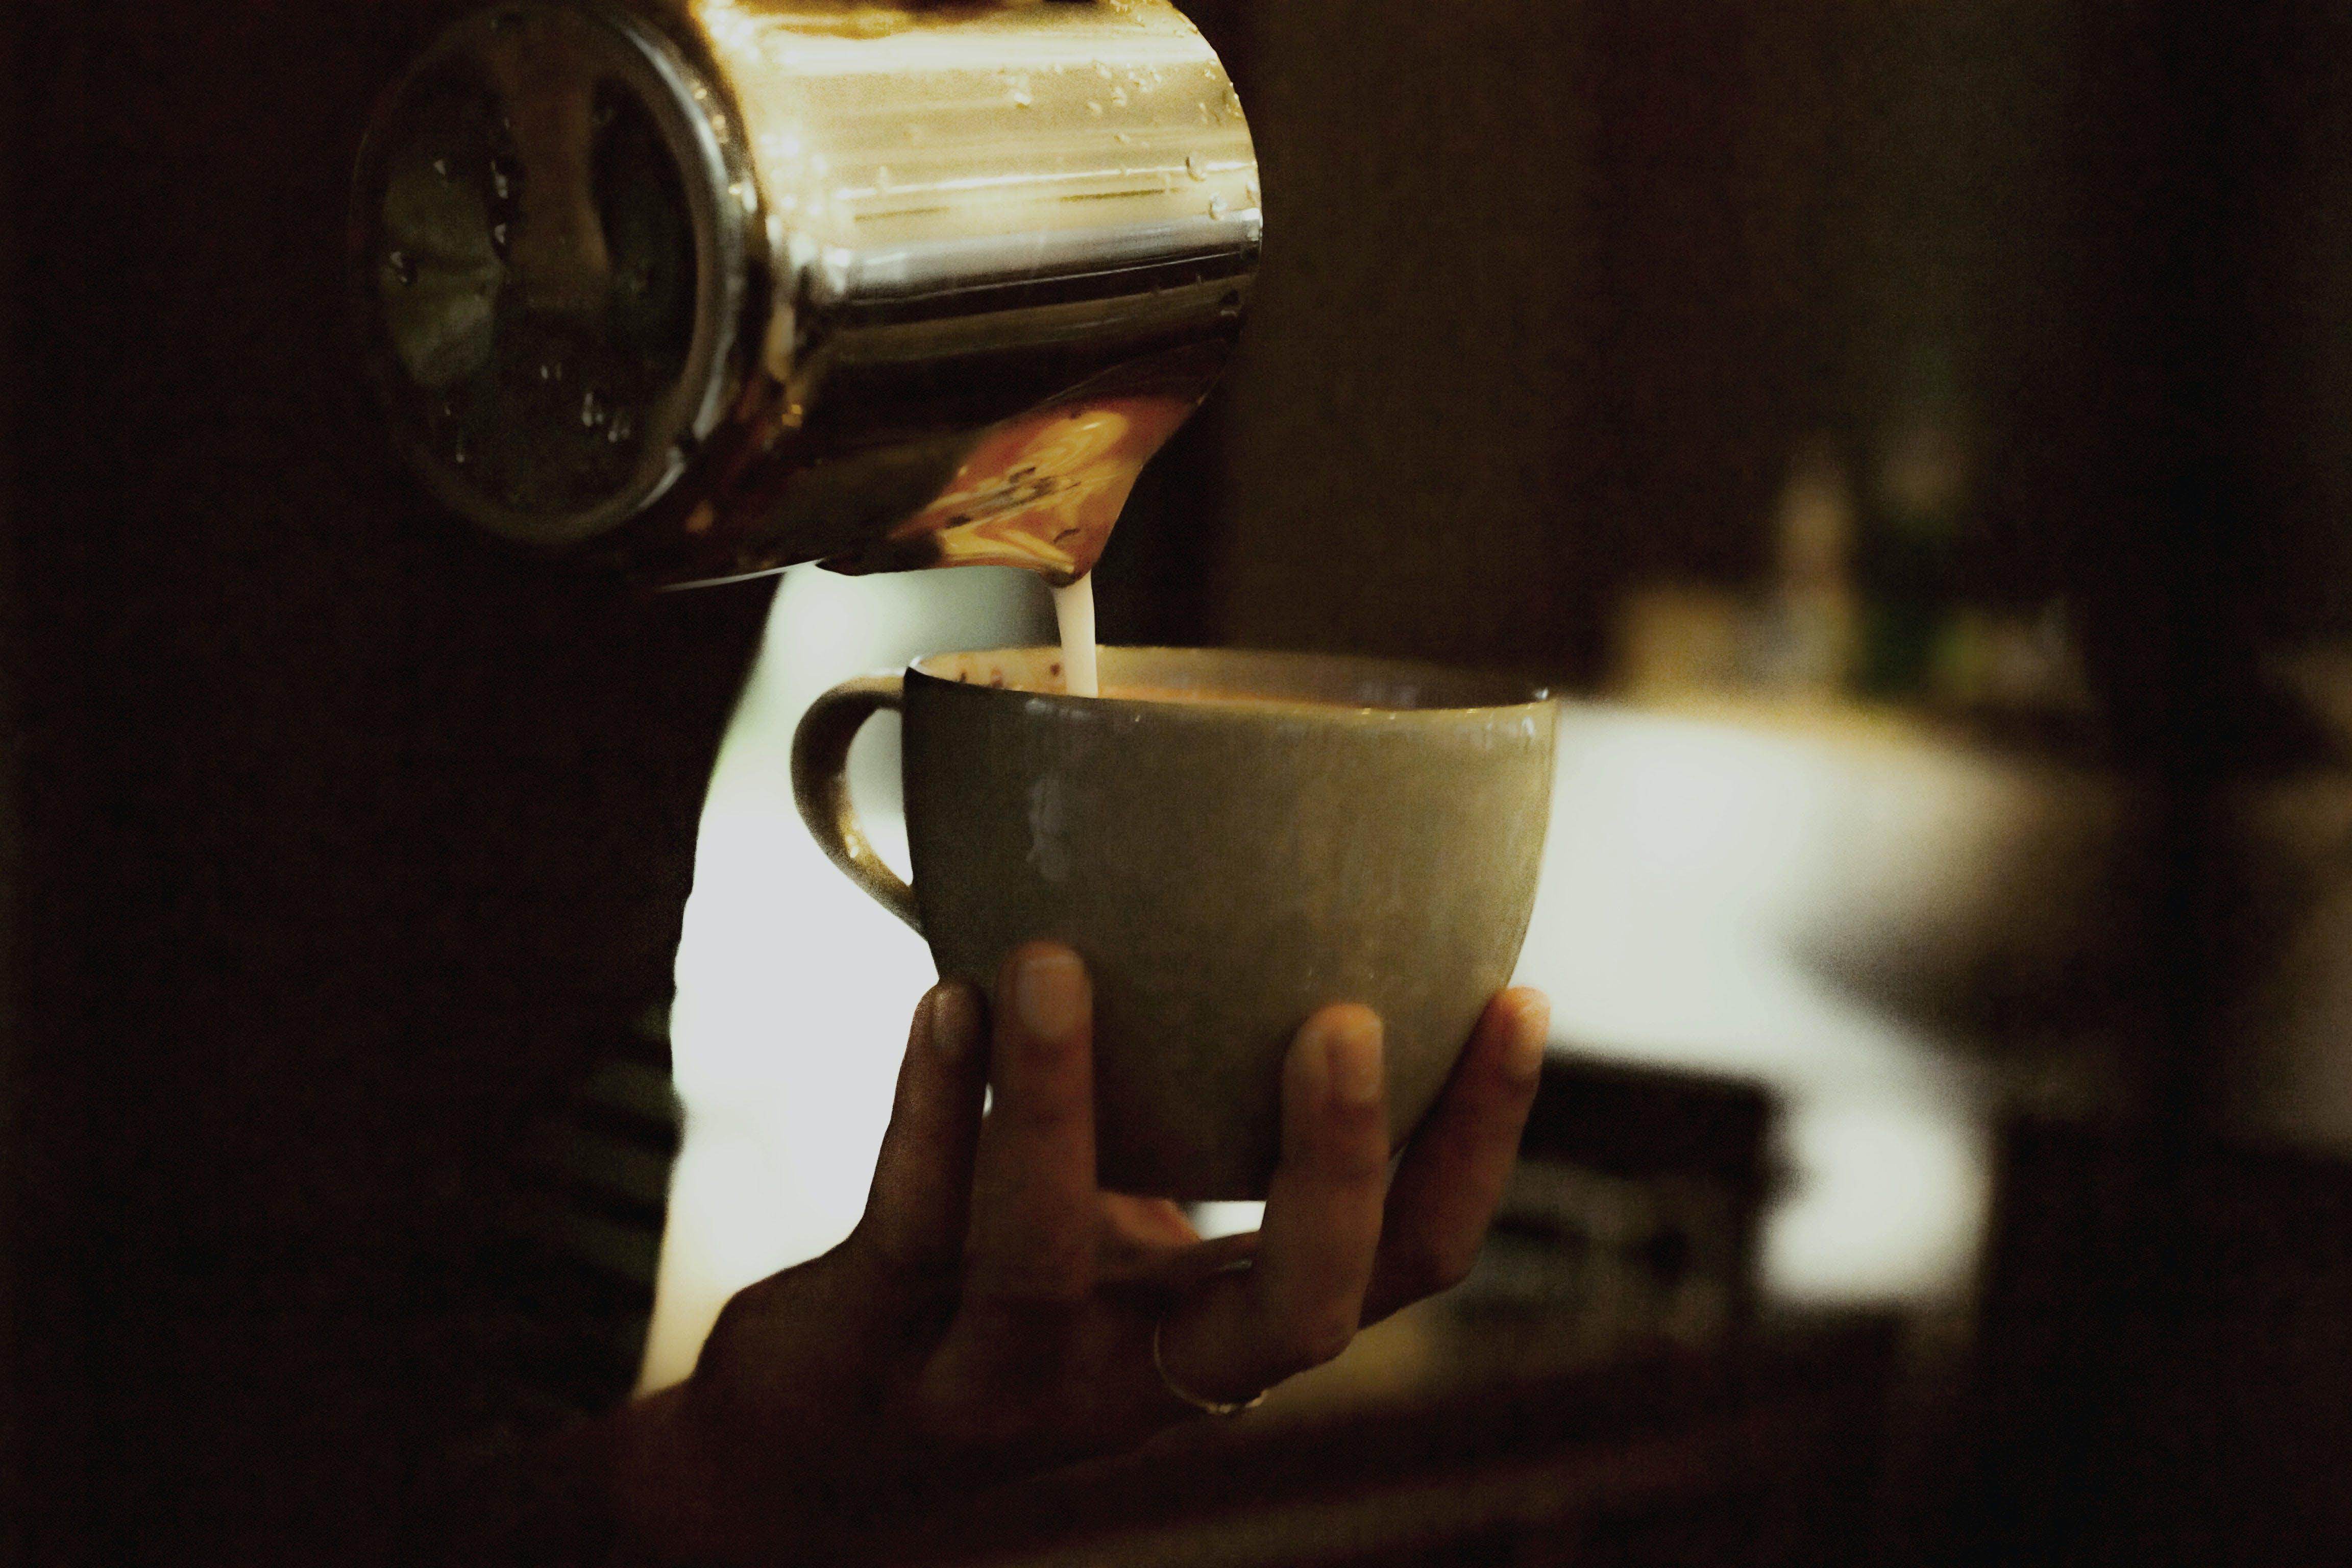 Gratis arkivbilde med barista, container, drikke, kaffe